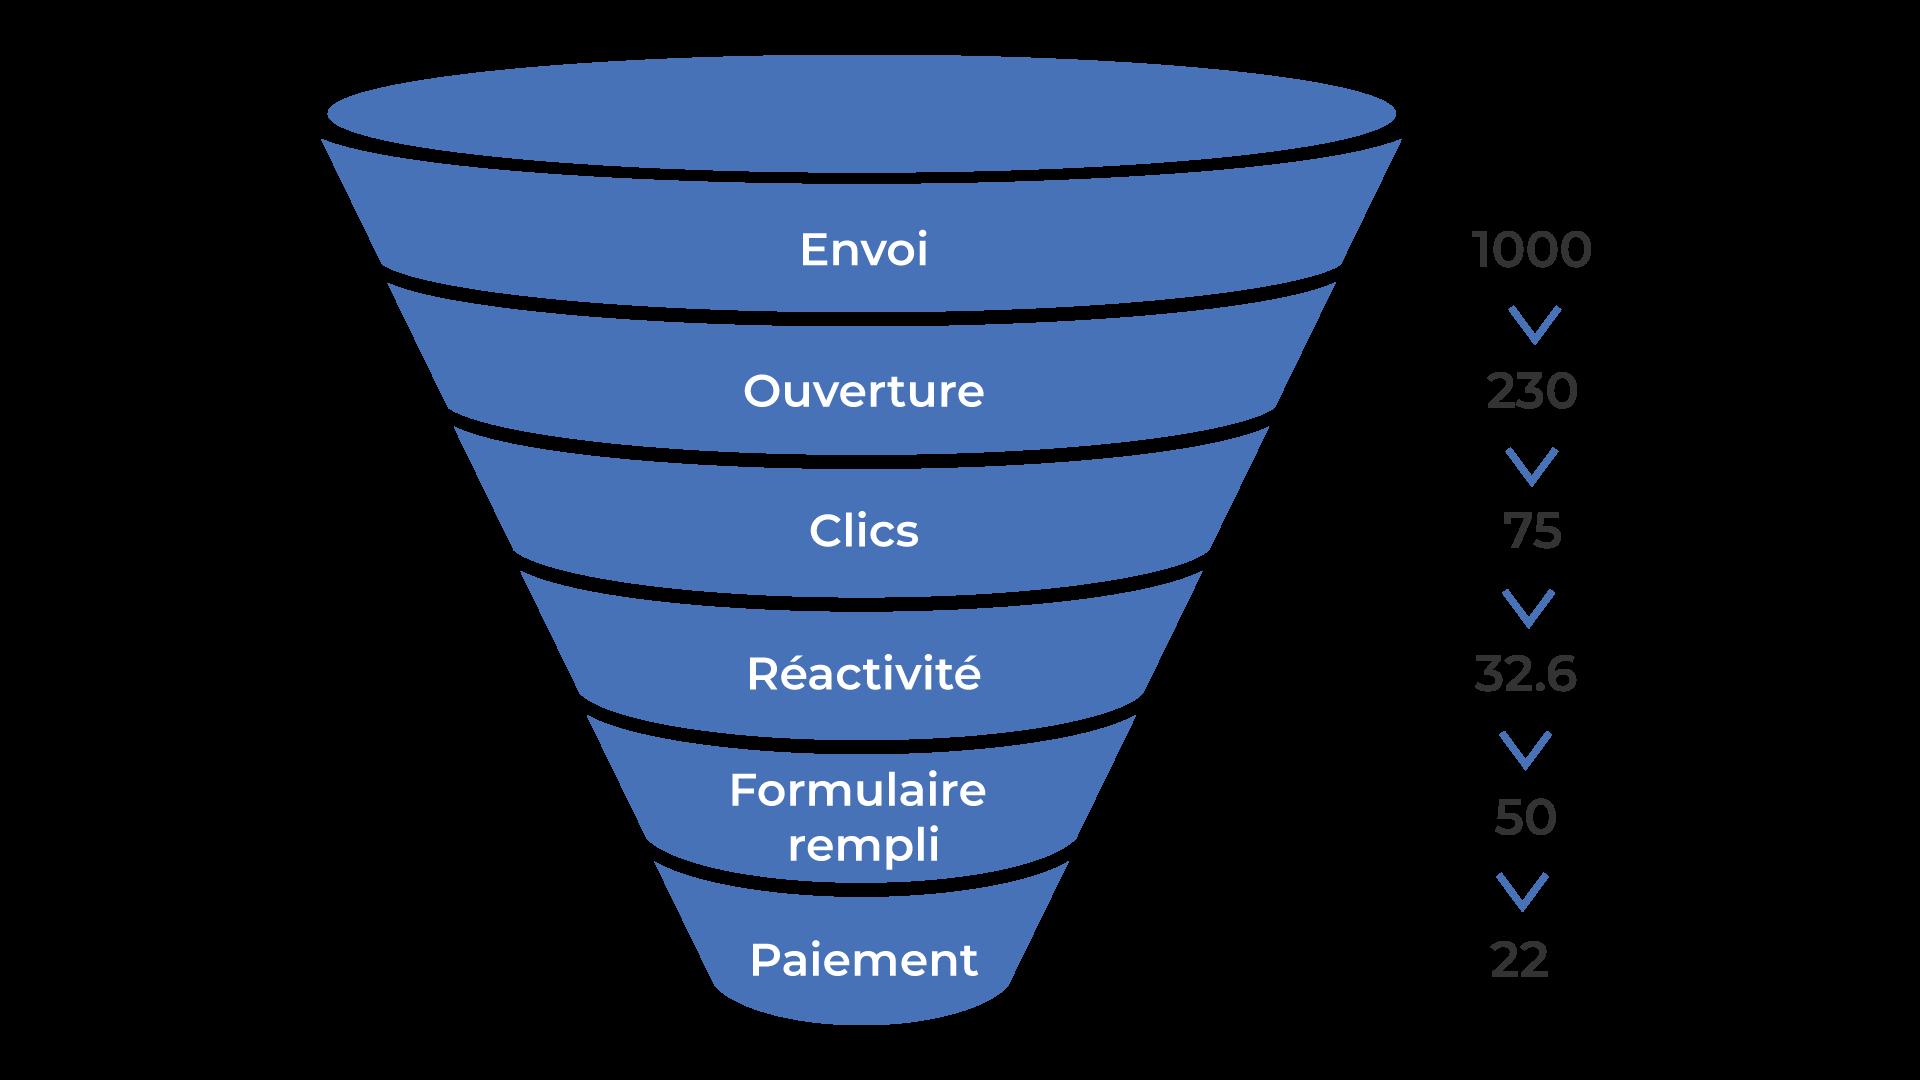 Les différentes étapes : Envoi, ouverture, clics, réactivité, formulaire rempli, paiement